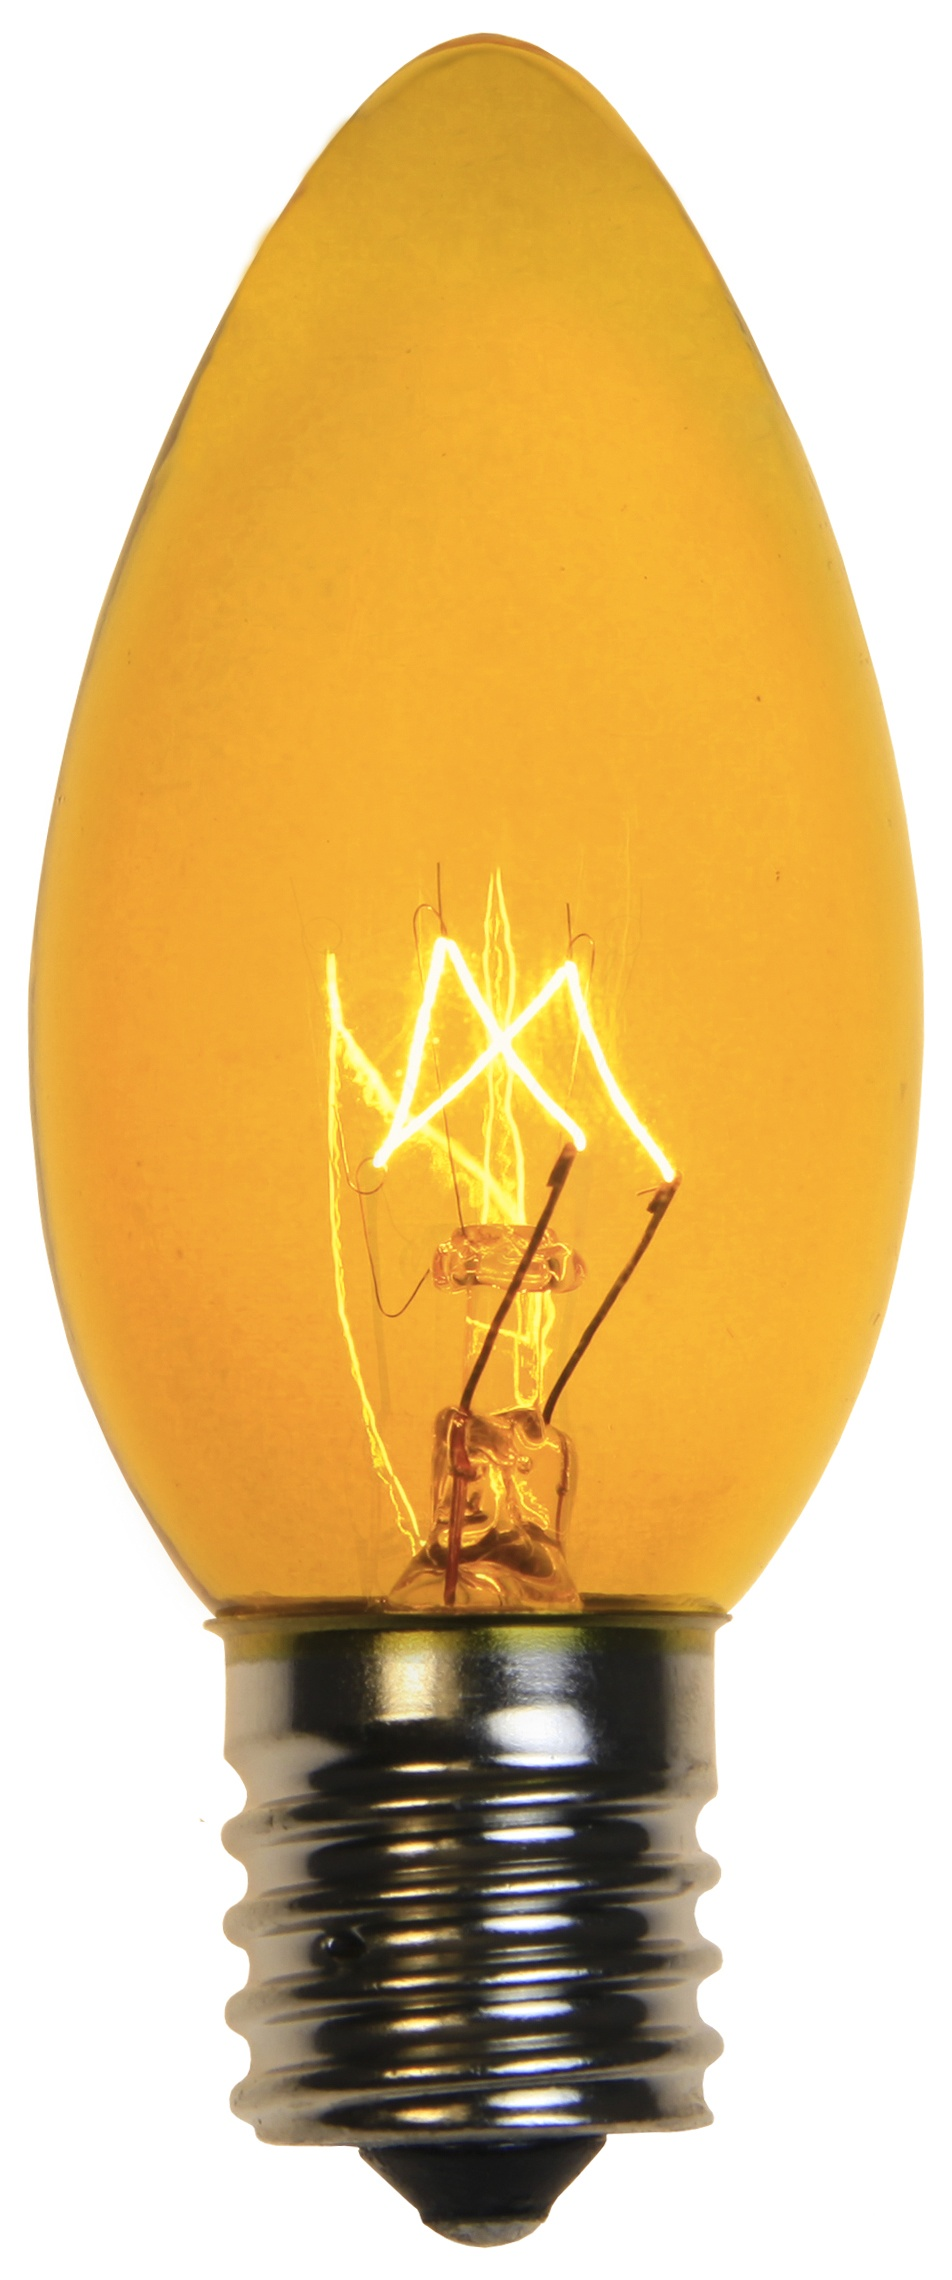 C9 Christmas Light Bulb C9 Yellow Christmas Light Bulbs Transparent